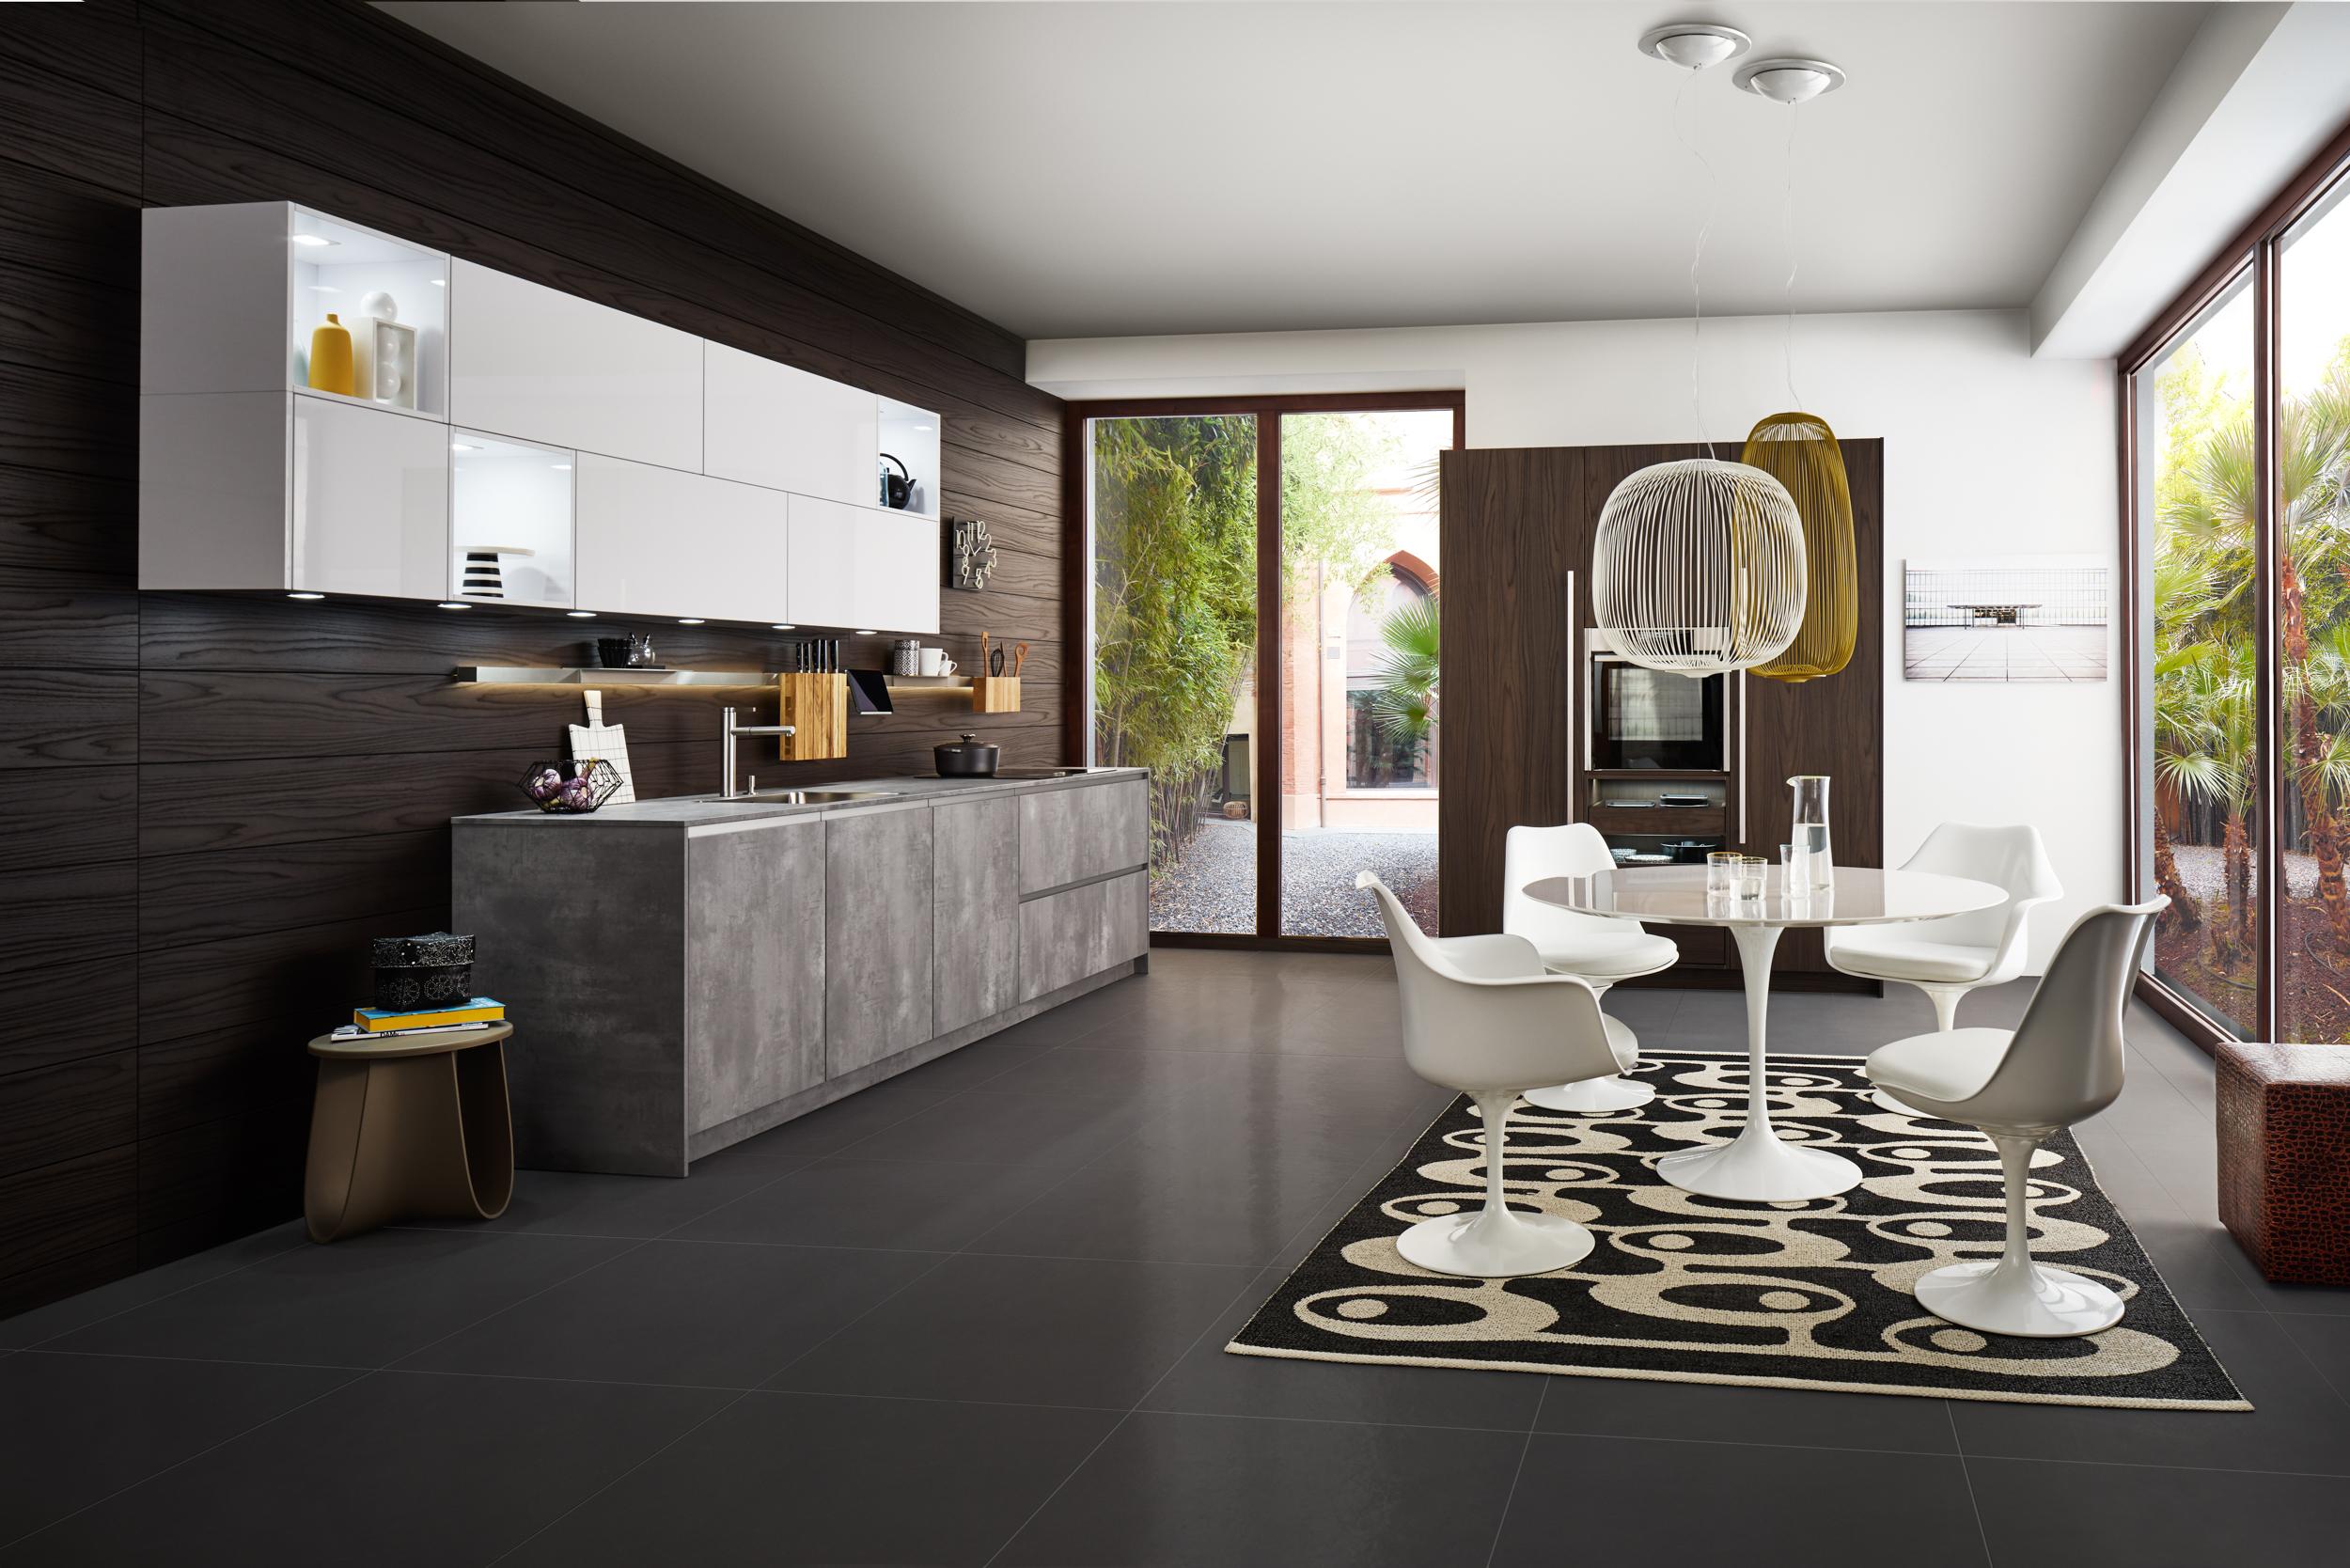 Großartig Gestaltung Einer Küche Fotos - Küche Set Ideen ...